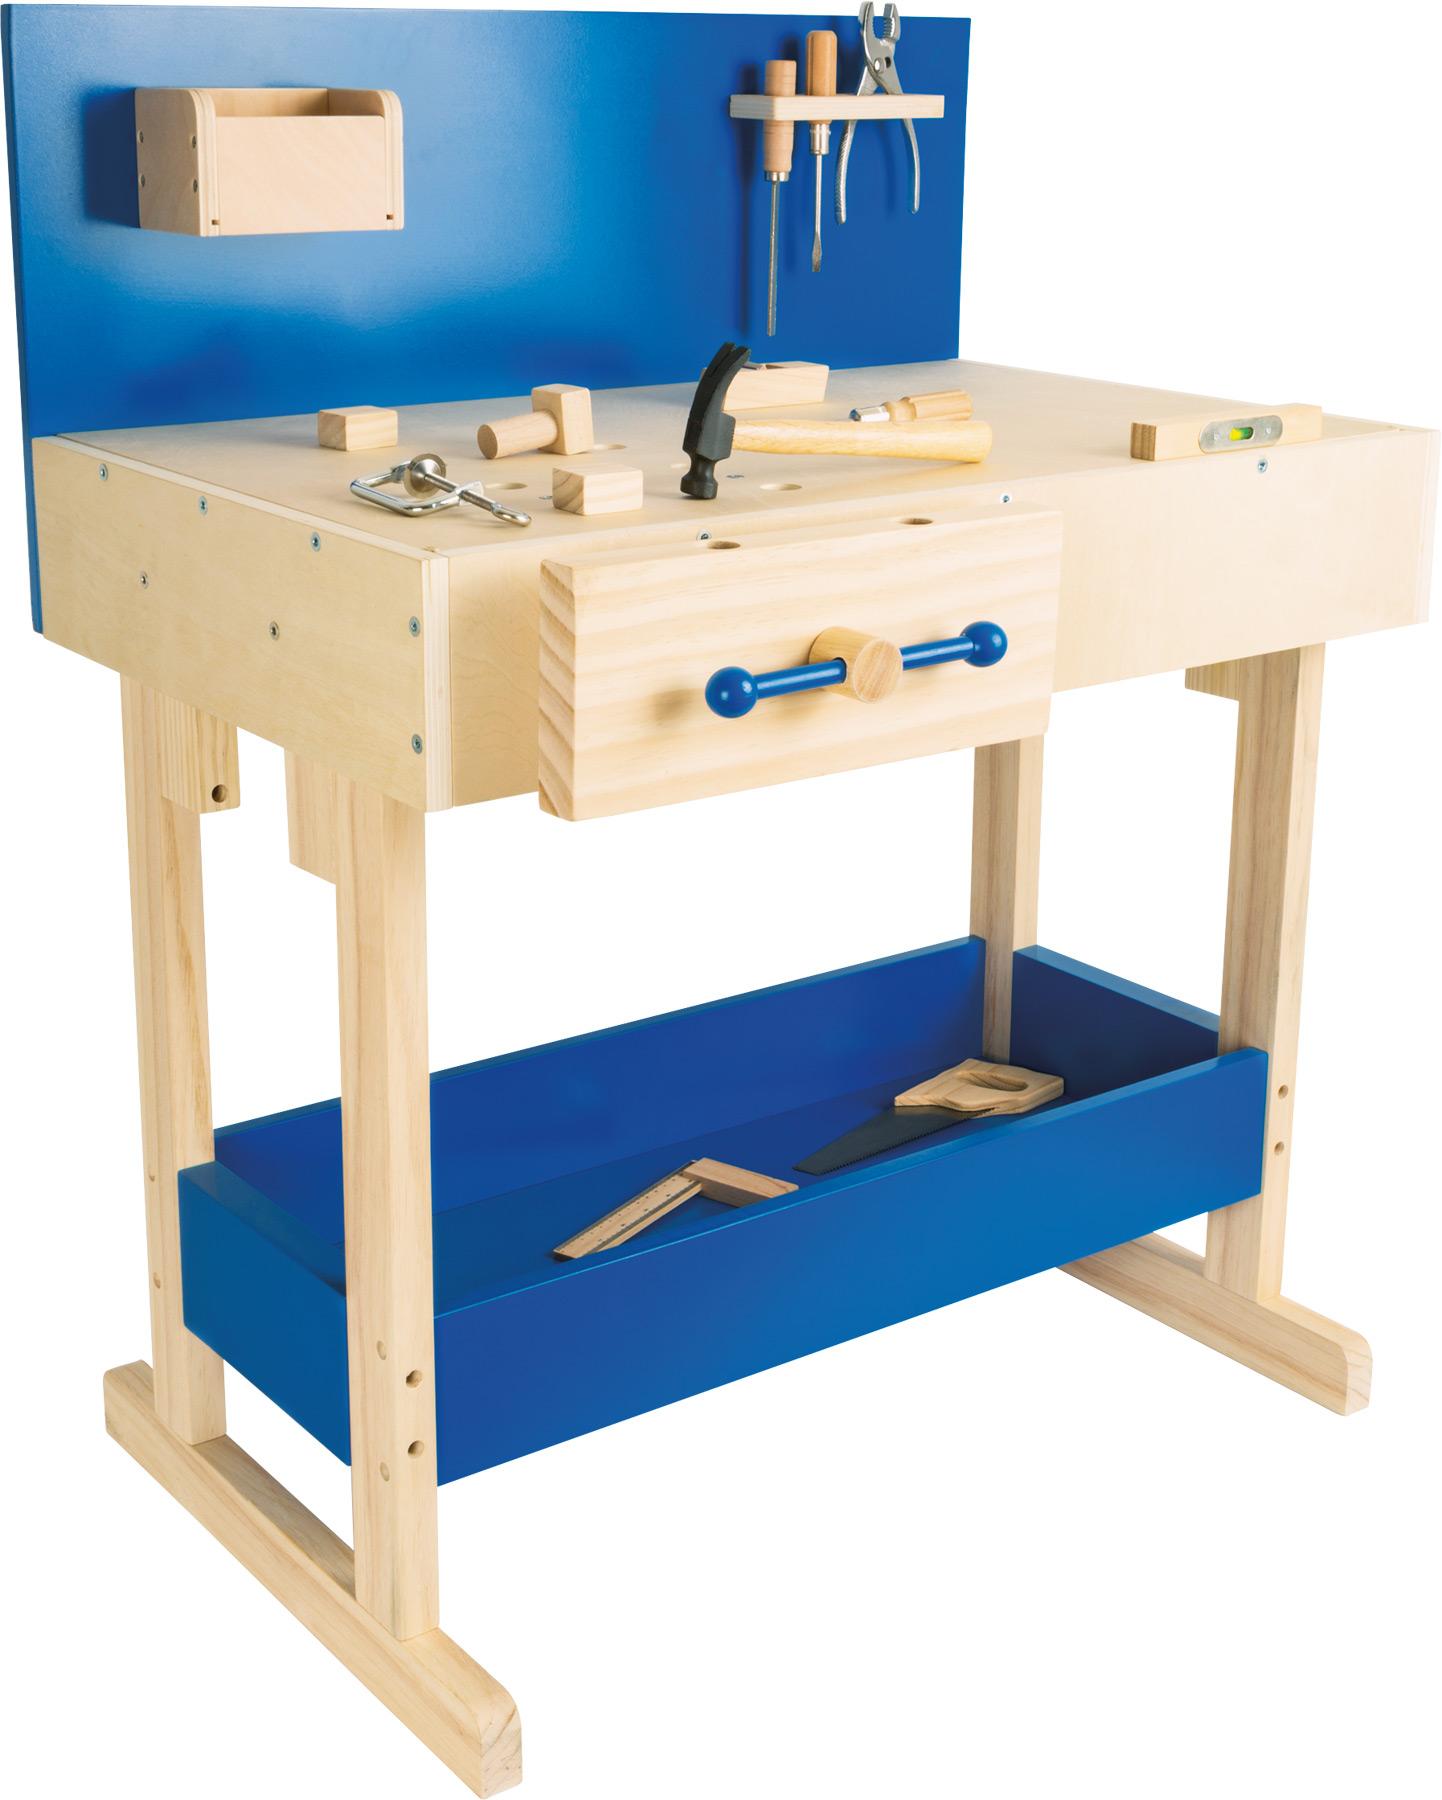 Banco di lavoro per bambini blu con accessori